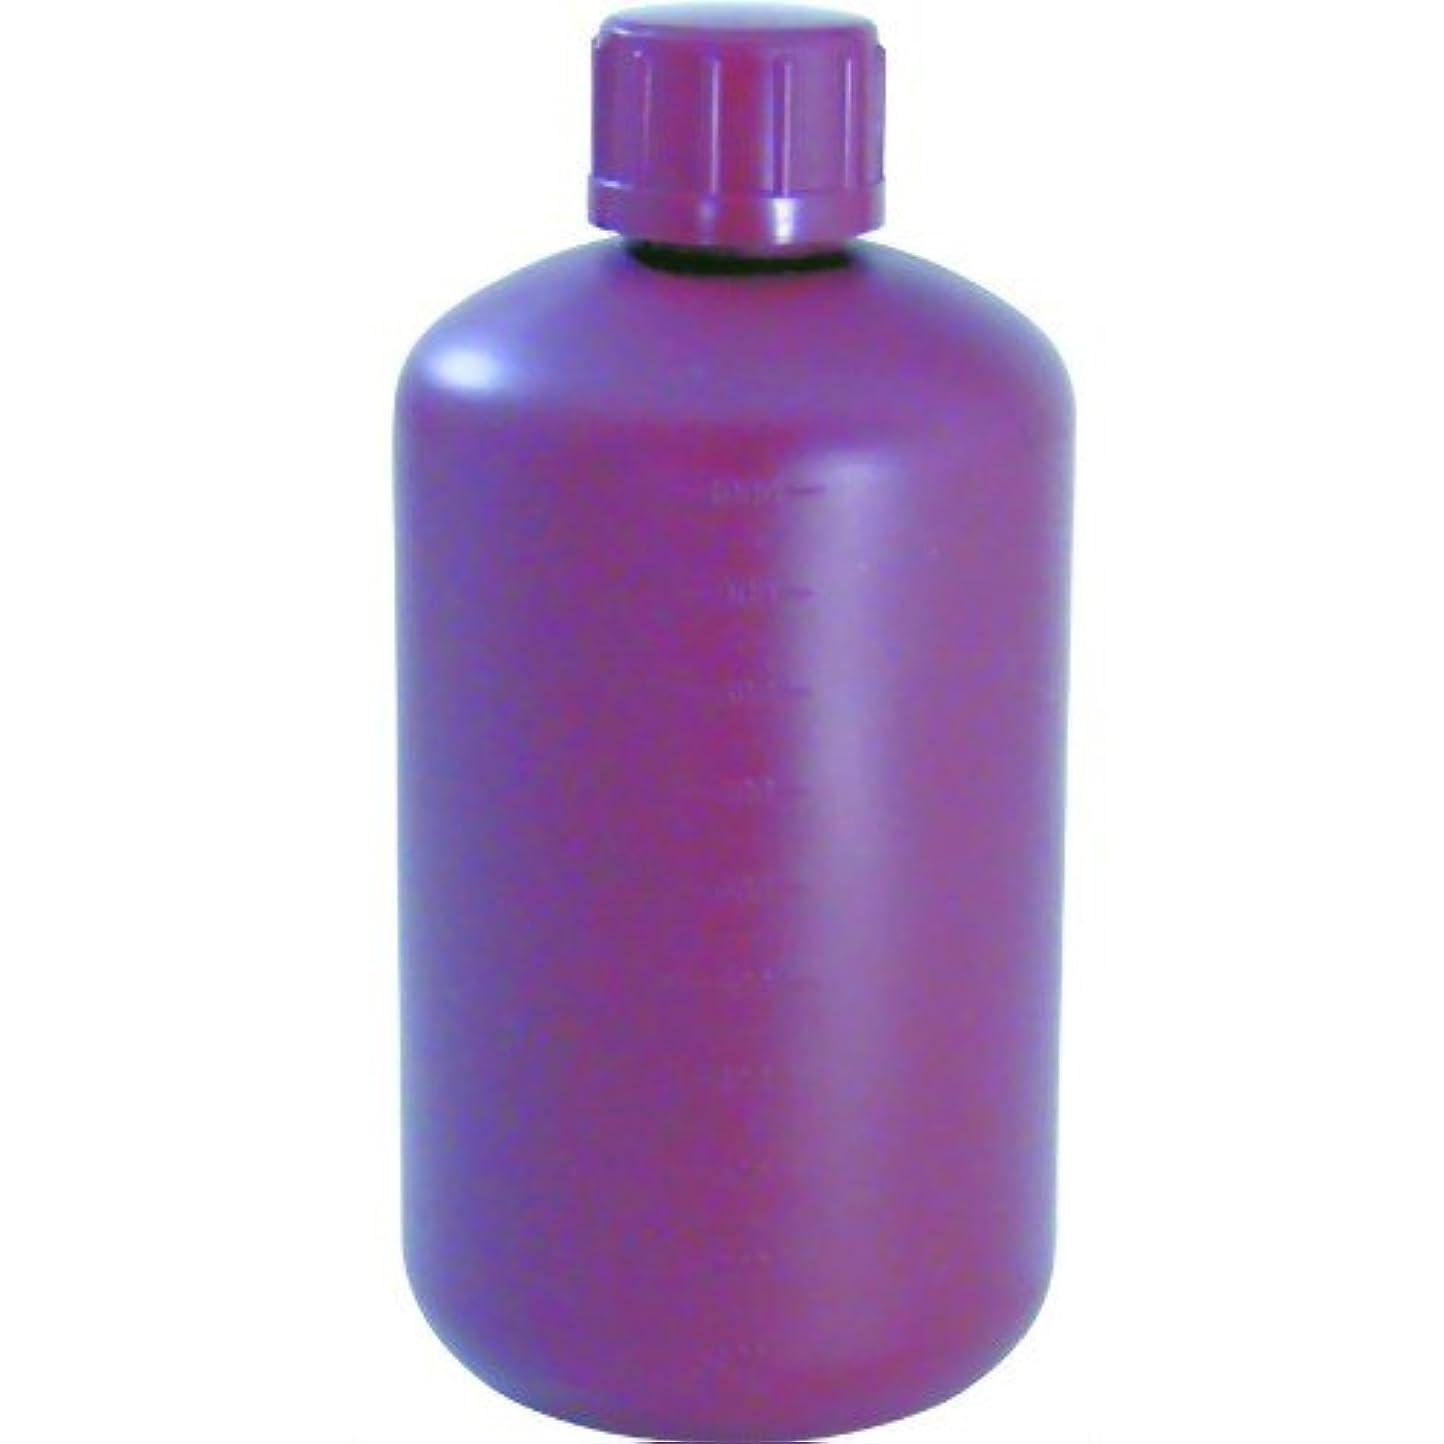 メディック同様のゾーン生活の木 PETボトル 1L